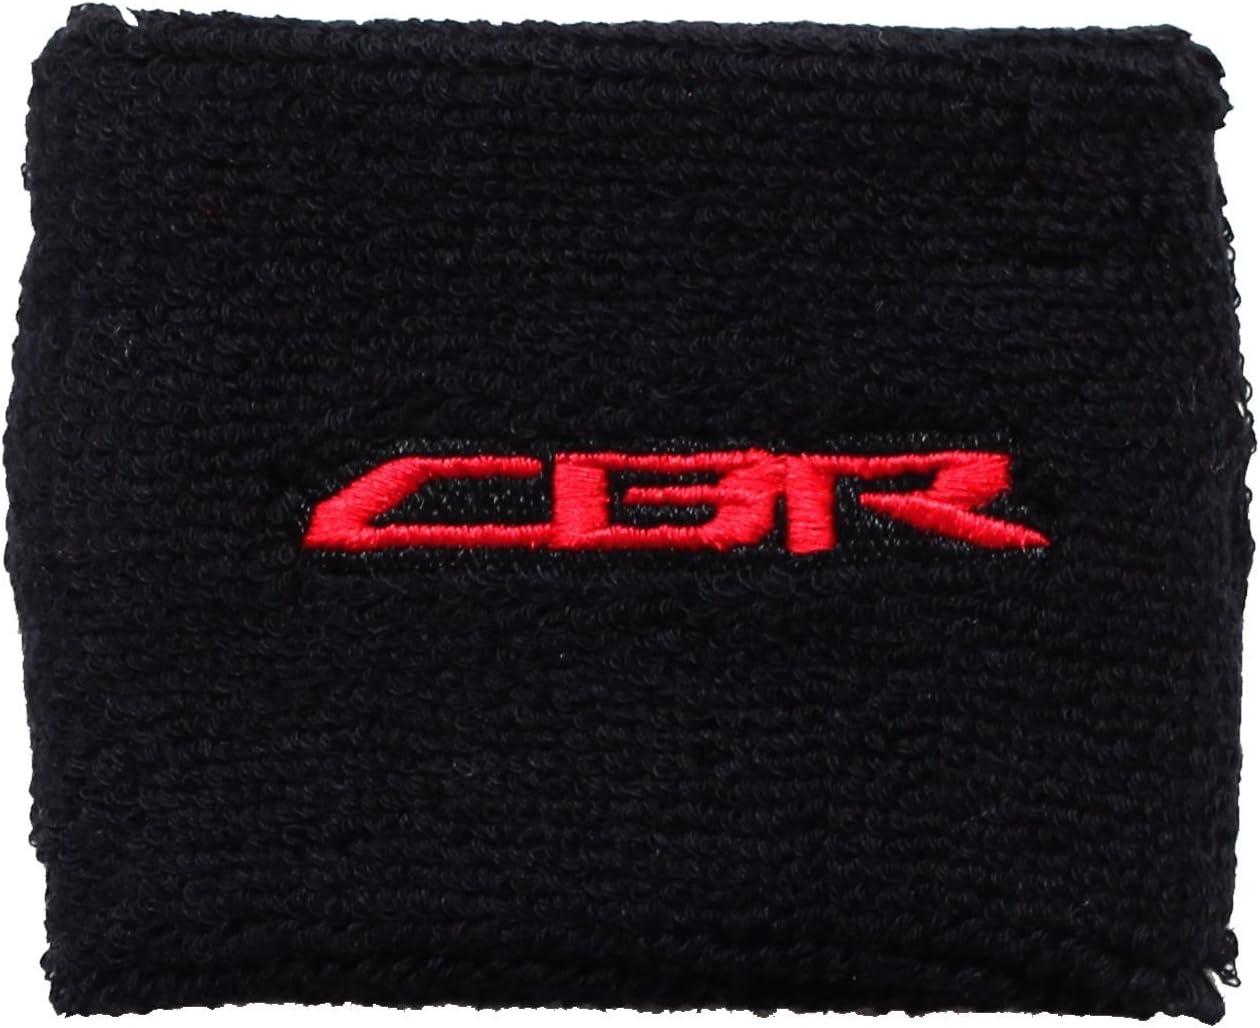 XUEFENG Motorcycle Master Front Rear Brake Reservoir Cover Cylinder Oil Fluid Cap For HONDA CBR600RR 2003-2006 Color : Black